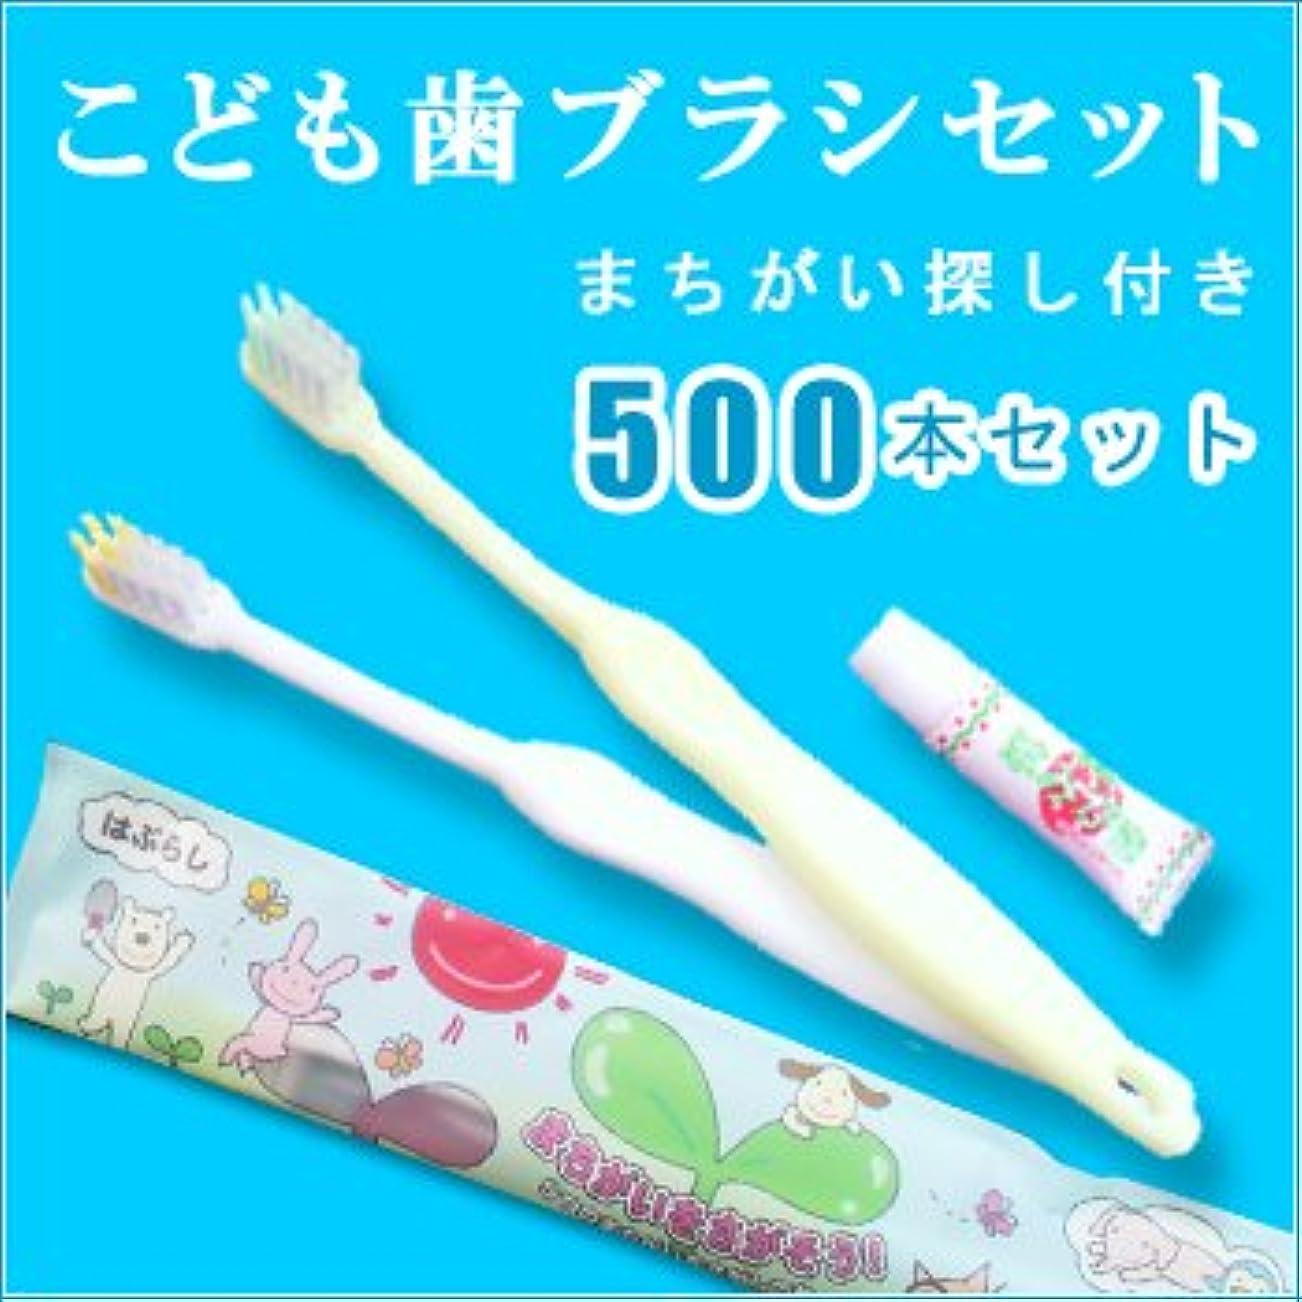 黙認する貢献論文こども用歯ブラシ いちご味の歯磨き粉 3gチューブ付 ホワイト?イエロー2色アソート(1セット500本)1本当たり34円